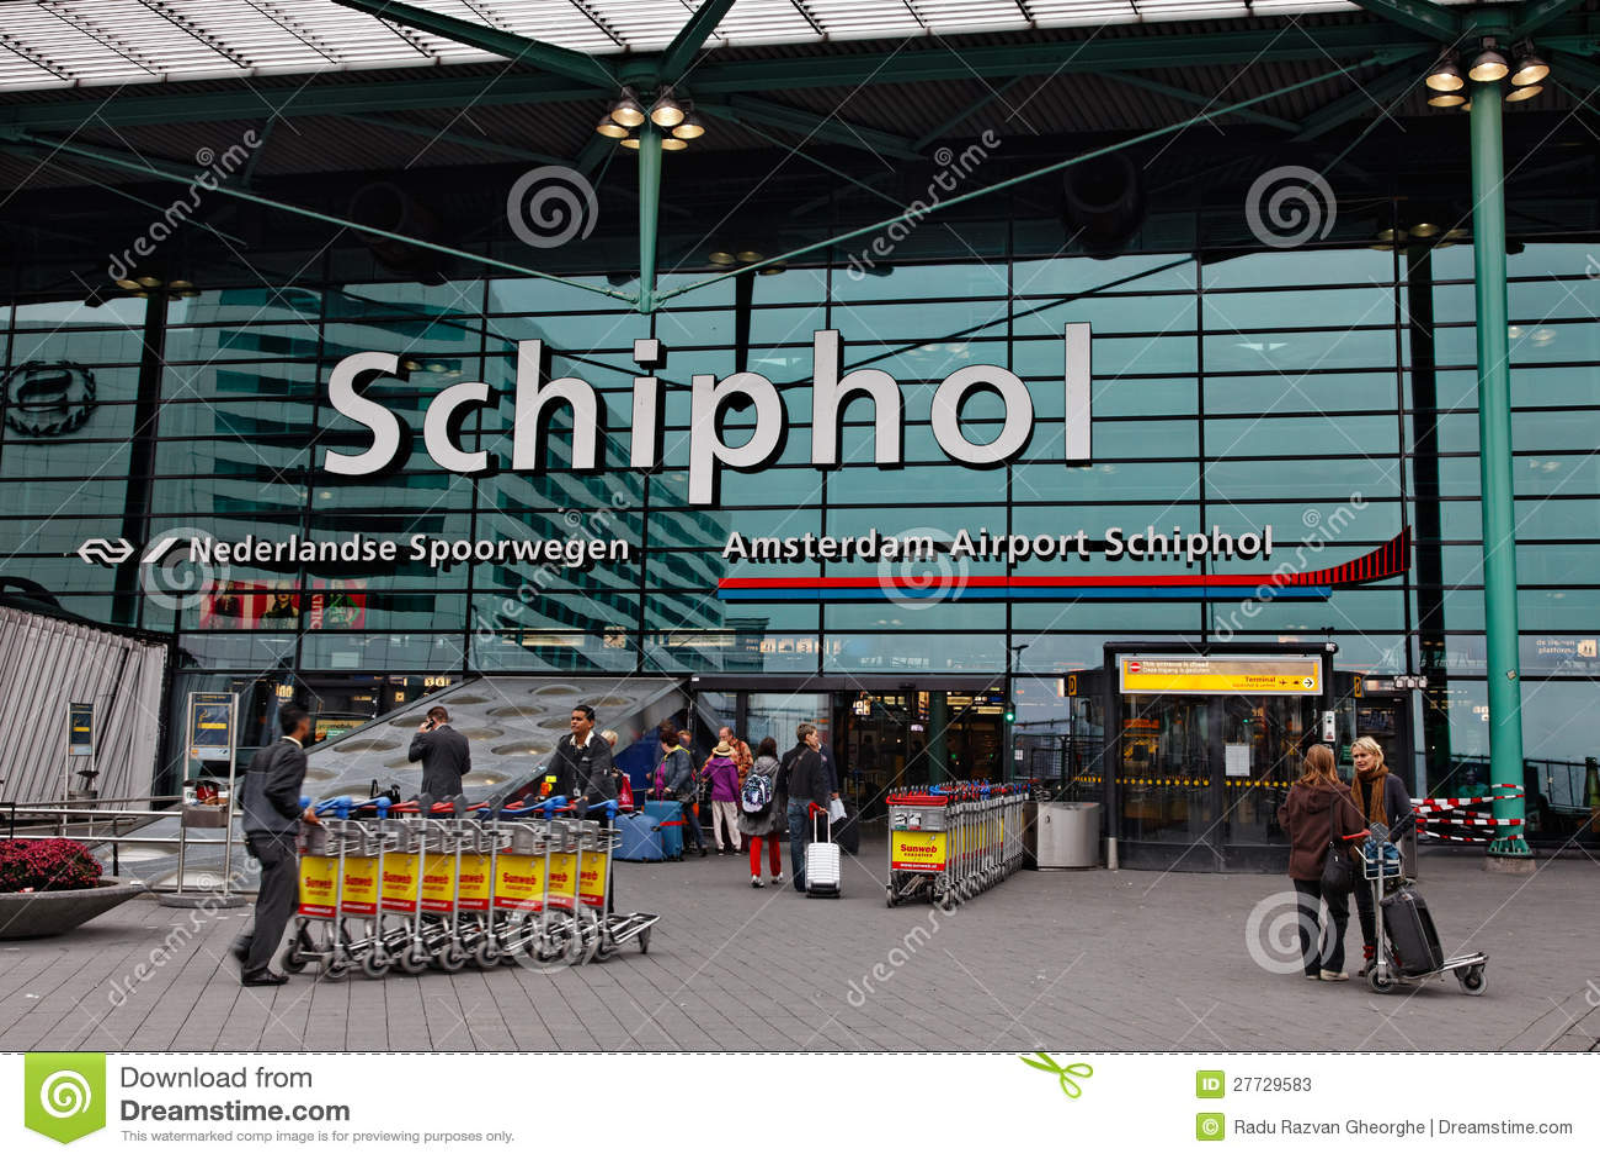 Haupteingang im Schiphol-Flughafen Amsterdam